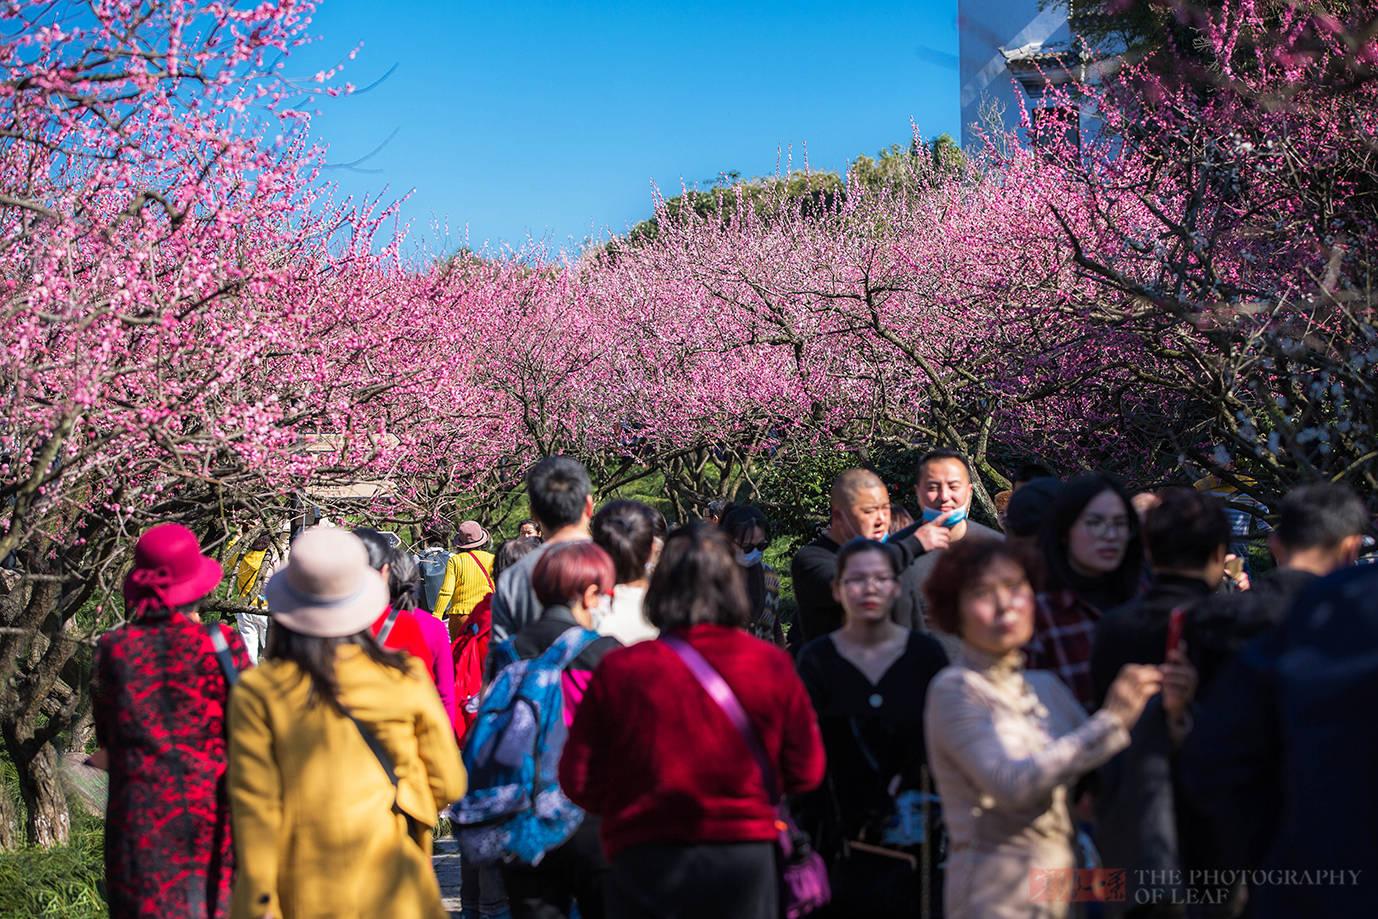 原創             杭州二棵梅花綻放牽動全城,游客小販擠爆景區,風頭蓋過老大西湖